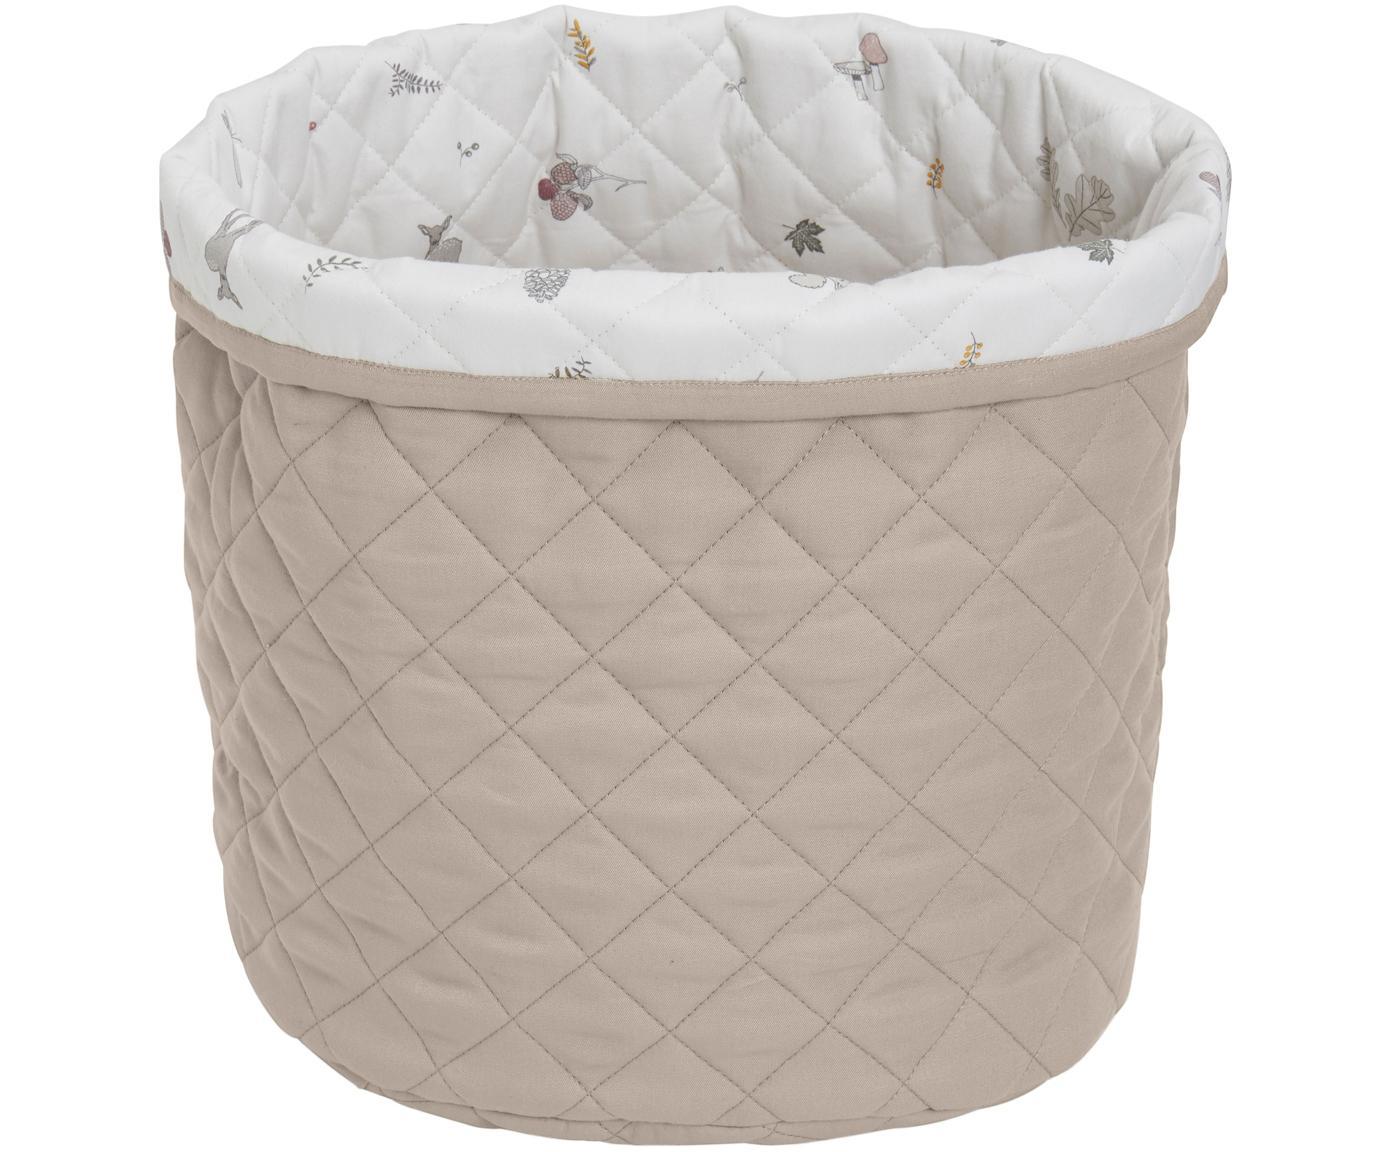 Kosz do przechowywania  z bawełny organicznej Fawn, Tapicerka: bawełna organiczna, Biały, brązowy, beżowy, Ø 30 x W 33 cm